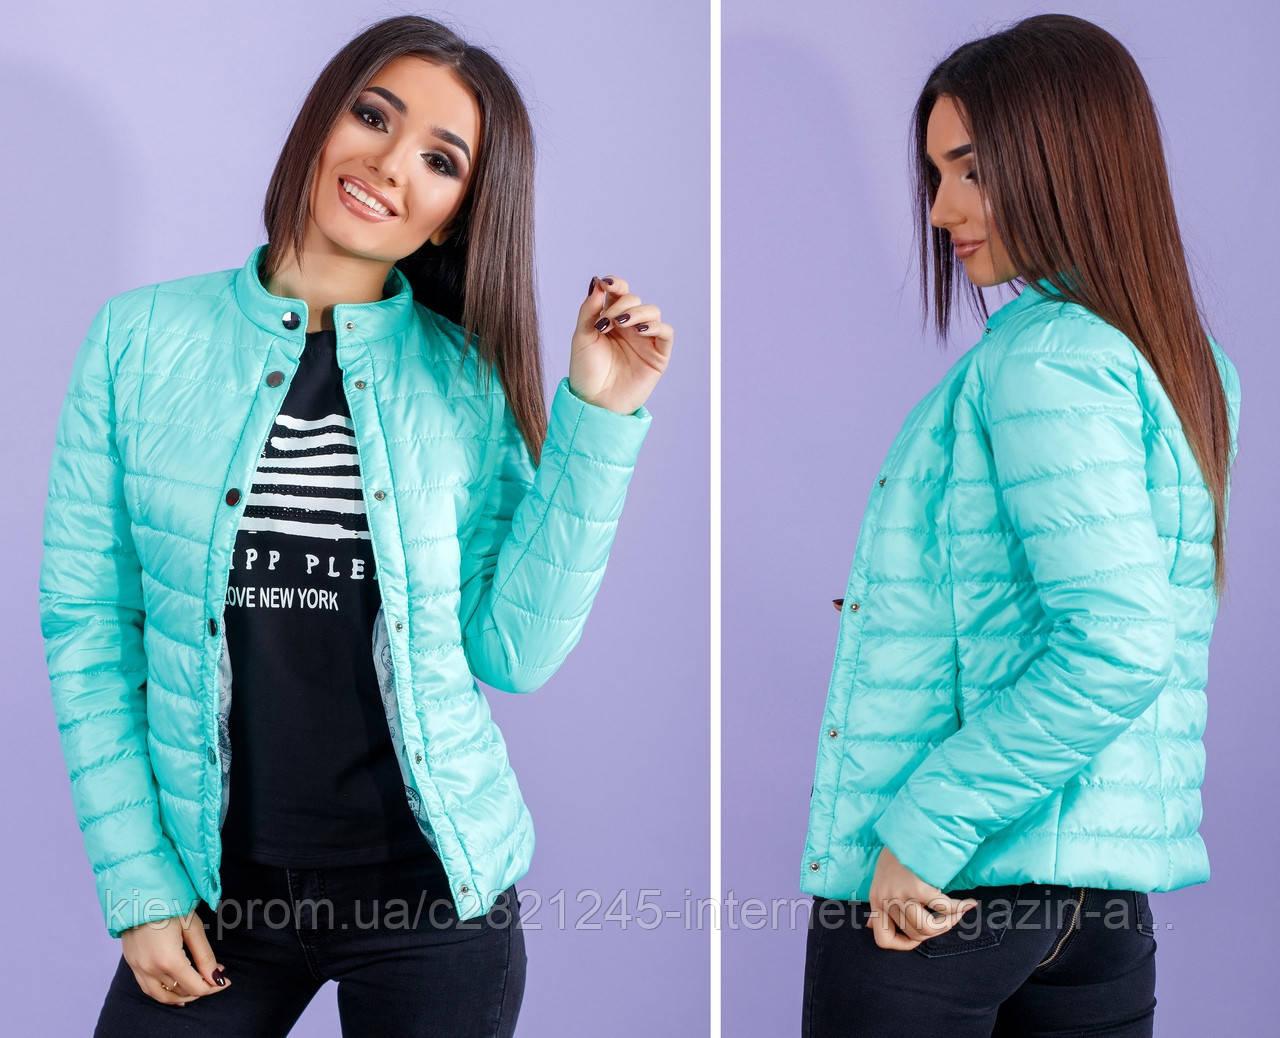 b4f43c85cda Стильная женская куртка весна   осень плащёвка + синтепон 100 ...